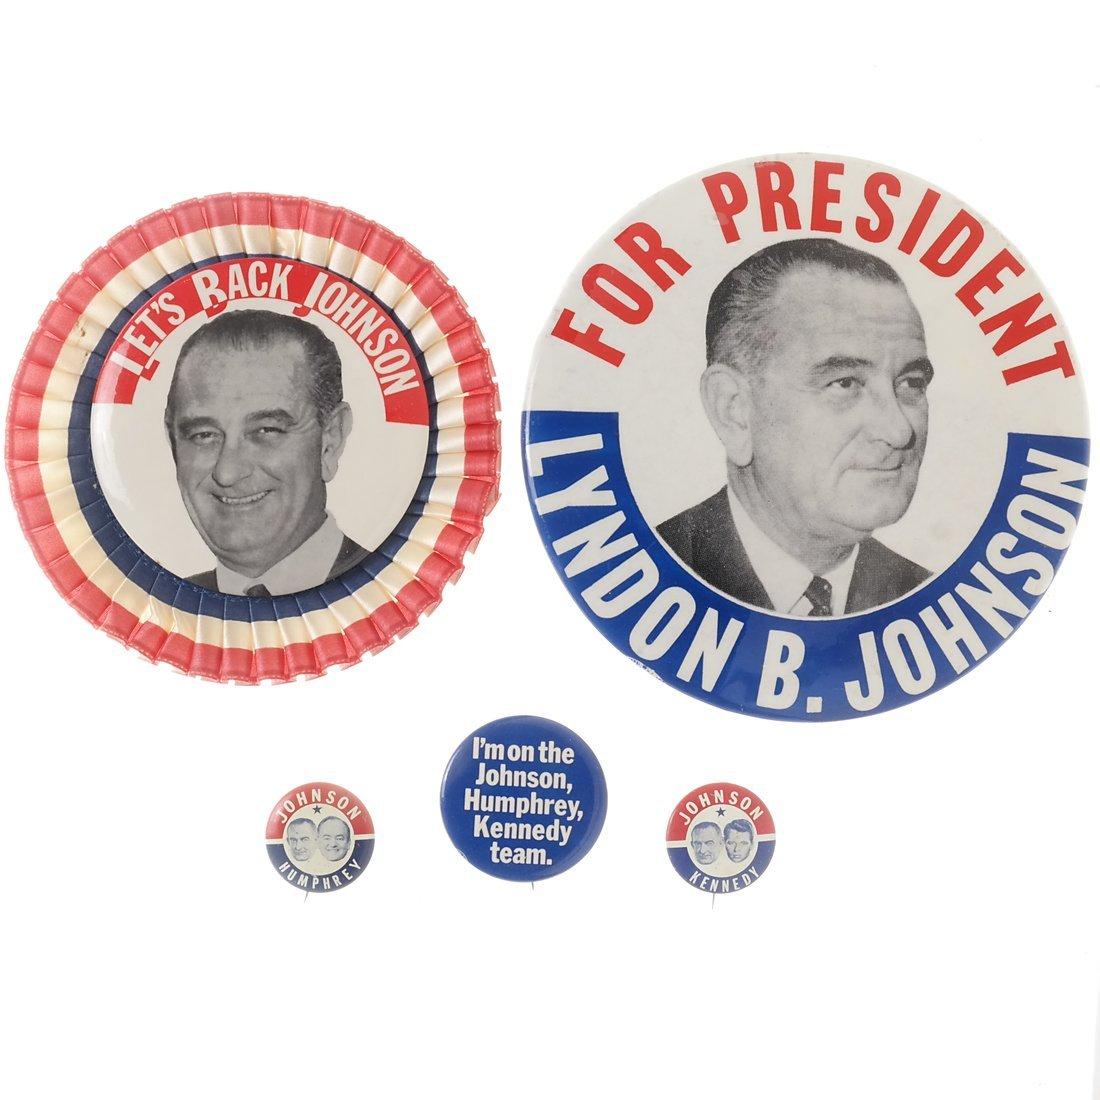 Lyndon. B. Johnson - Five 1964 Celluloids